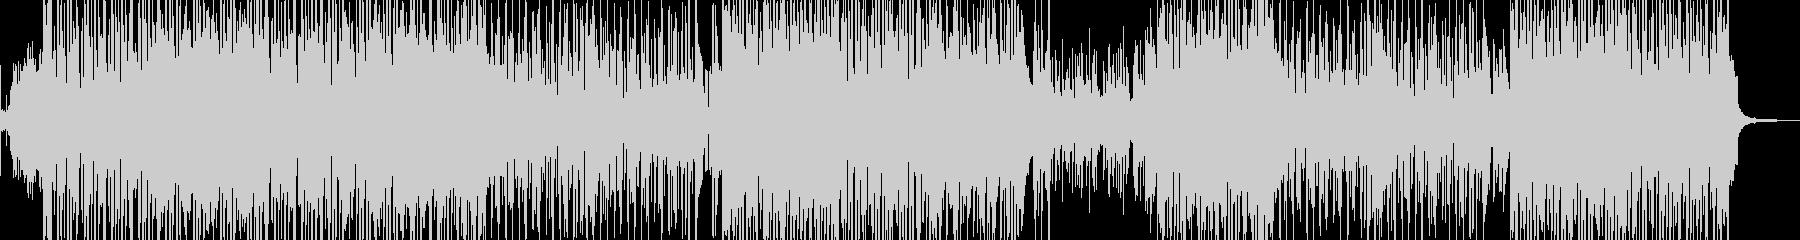 琴・尺八・レトロな演歌調R&Bポップ Sの未再生の波形